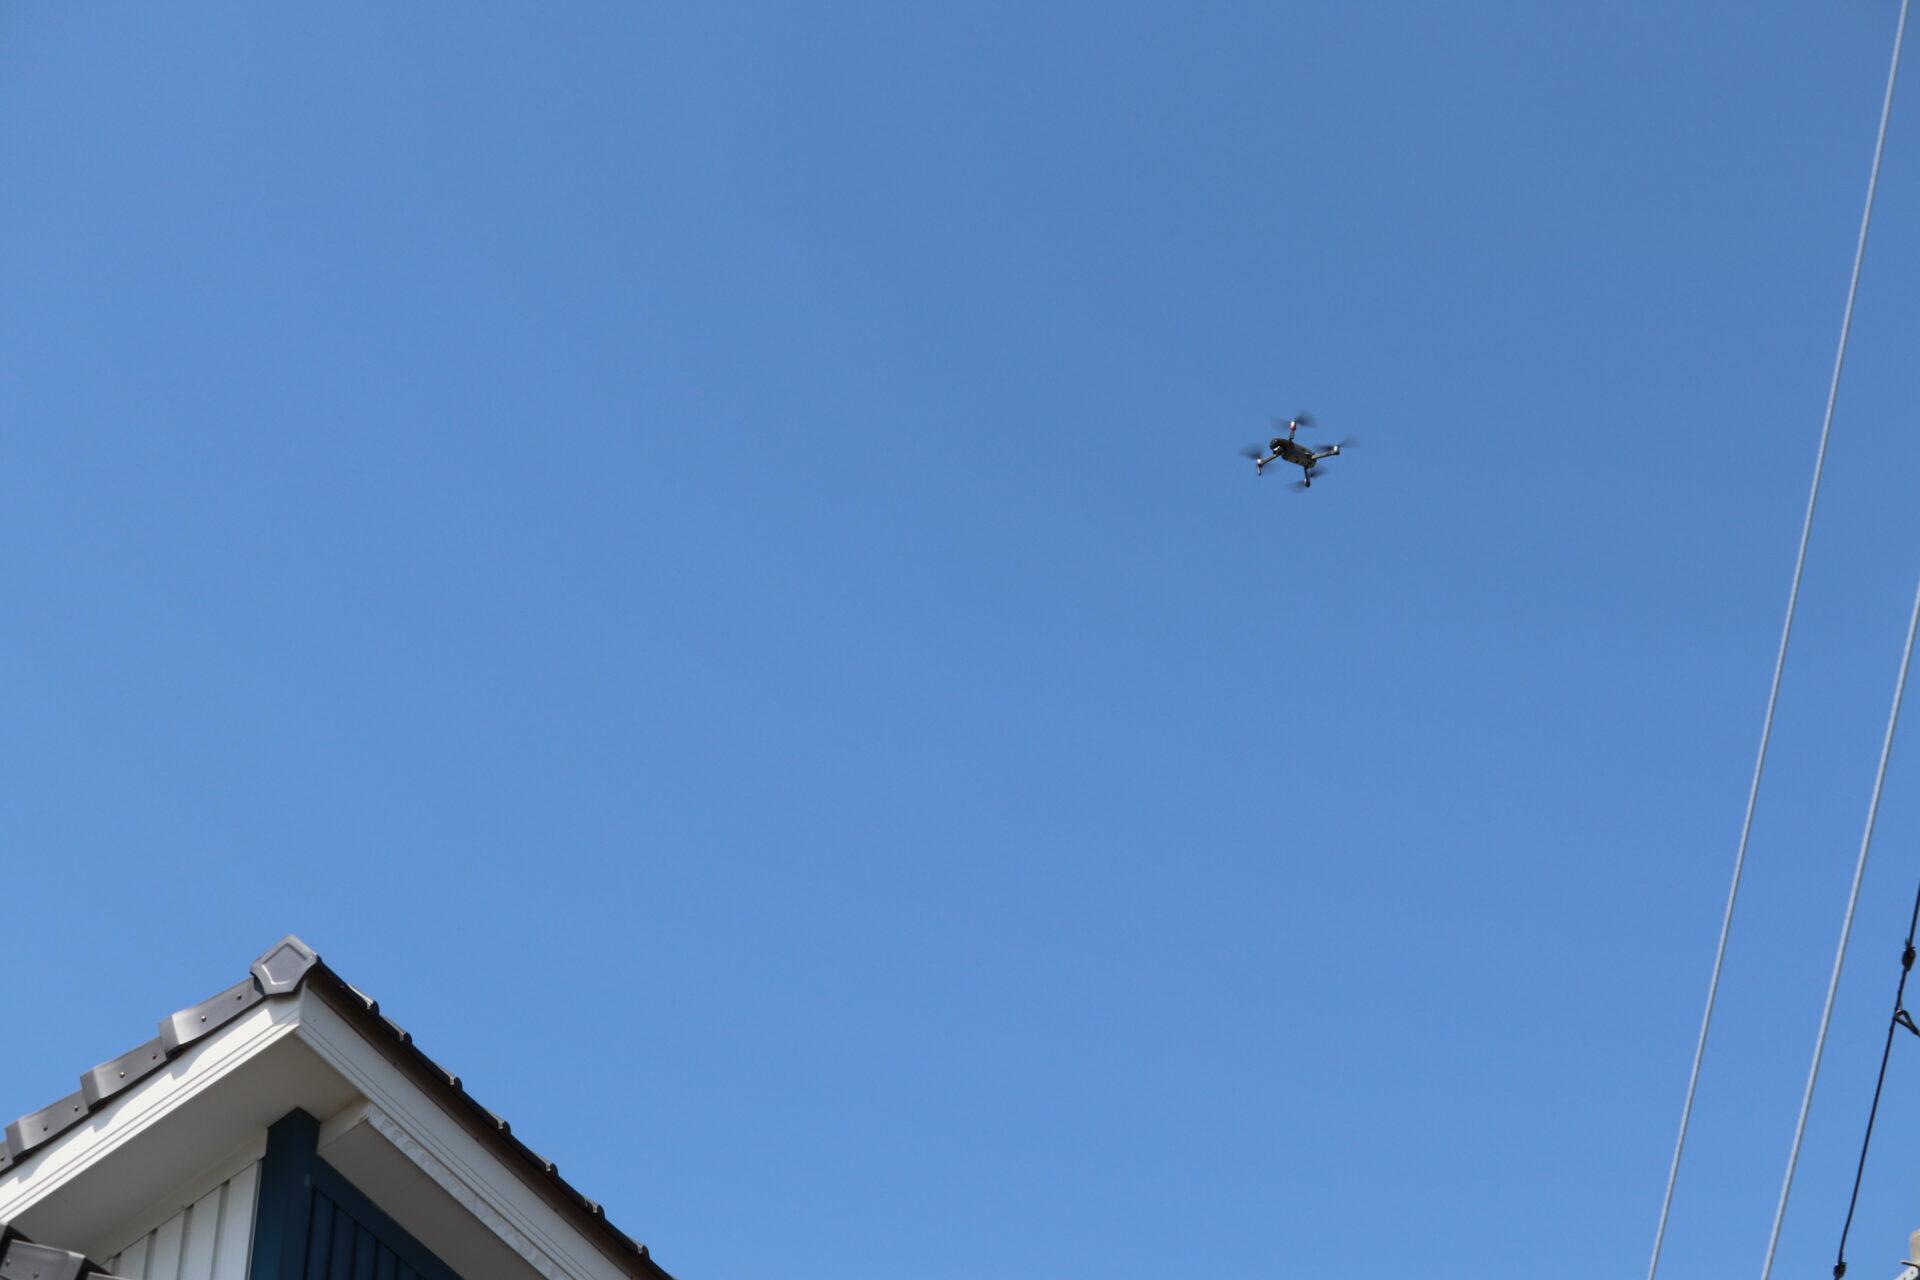 戸建住宅太陽光パネルの鳩対策|兵庫県明石市 イメージ